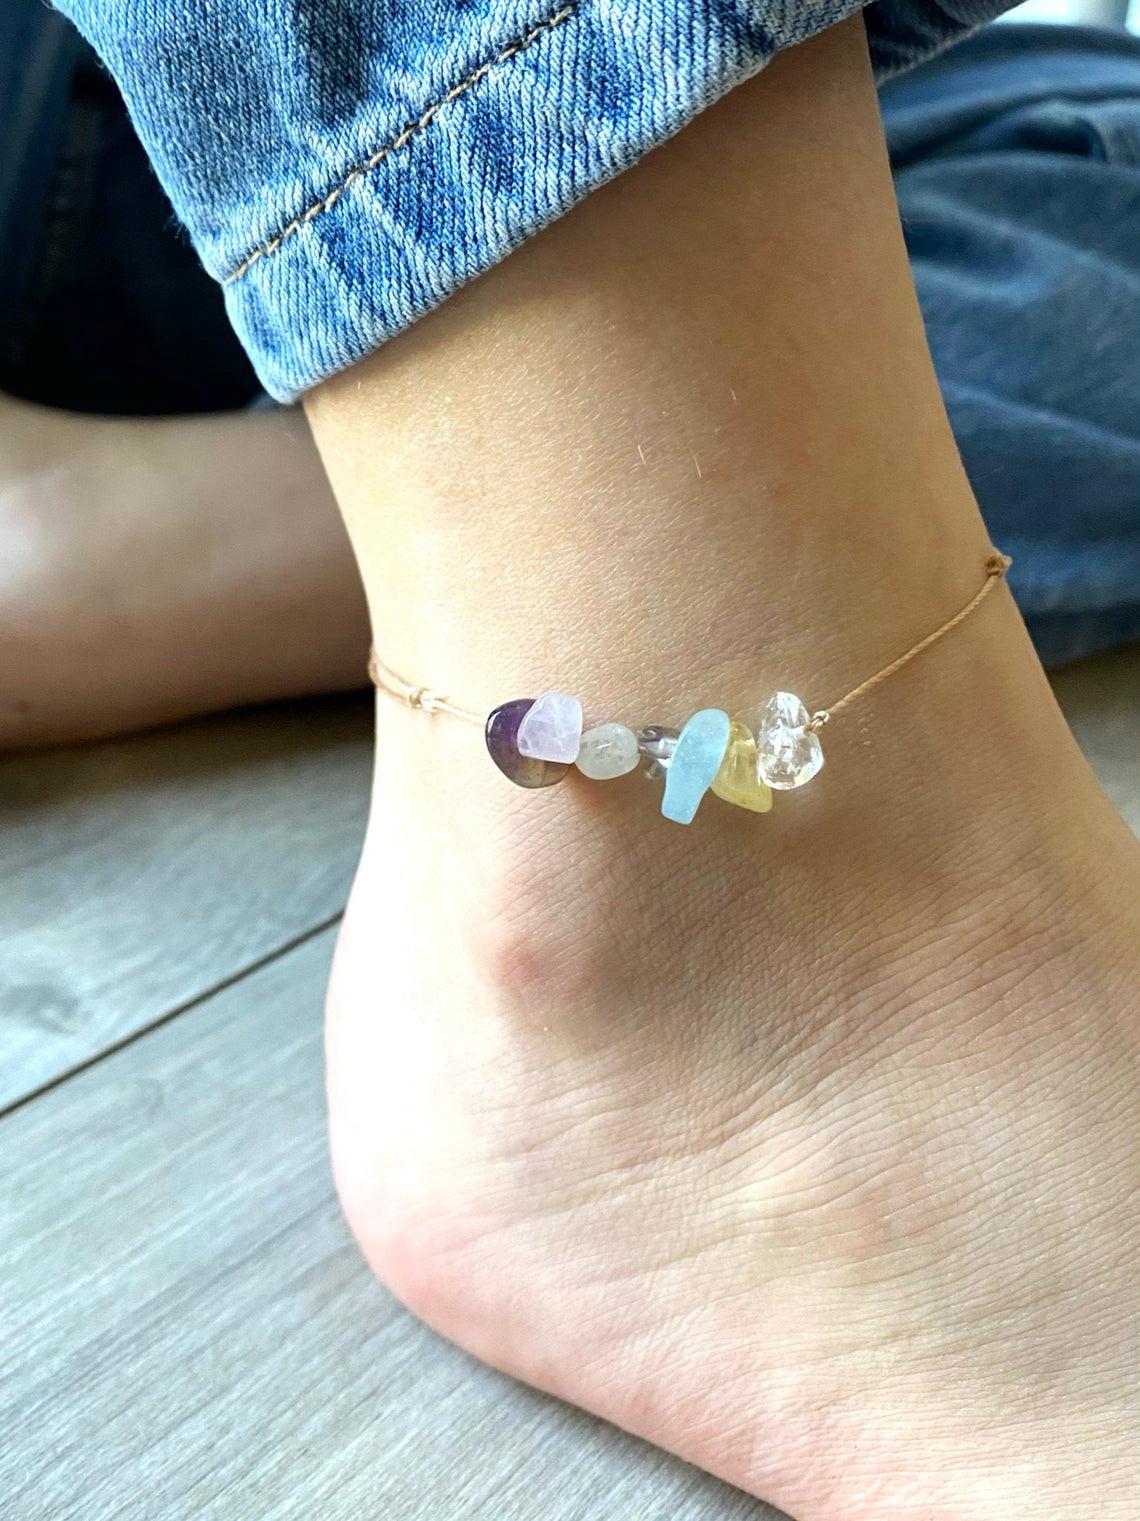 7 Chakra Anklet - Crystal Anklet - Friendship Anklet - Healing Crystal Anklet - Destress Jewellery - Boho Anklet - Healing Jewellery